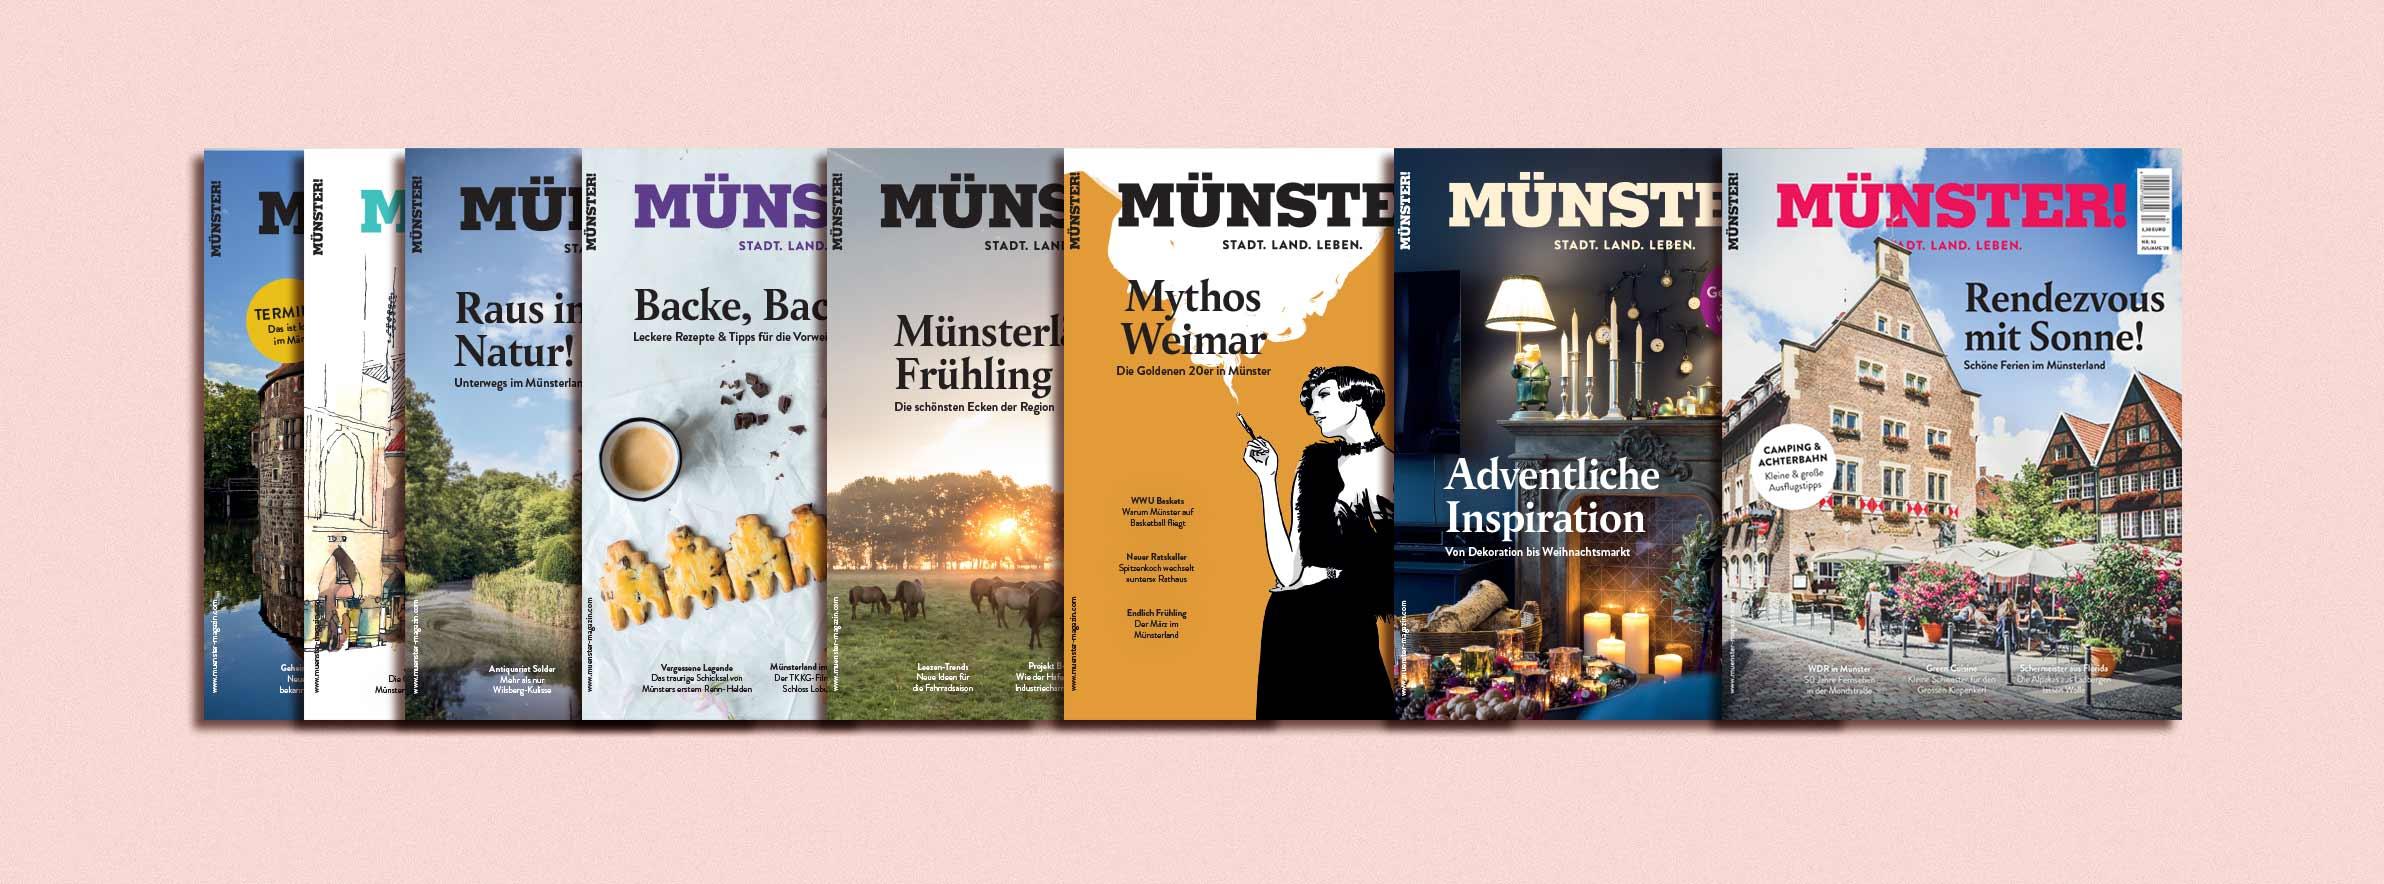 Acht Titel des MÜNSTER!-Magazins nebeneinander